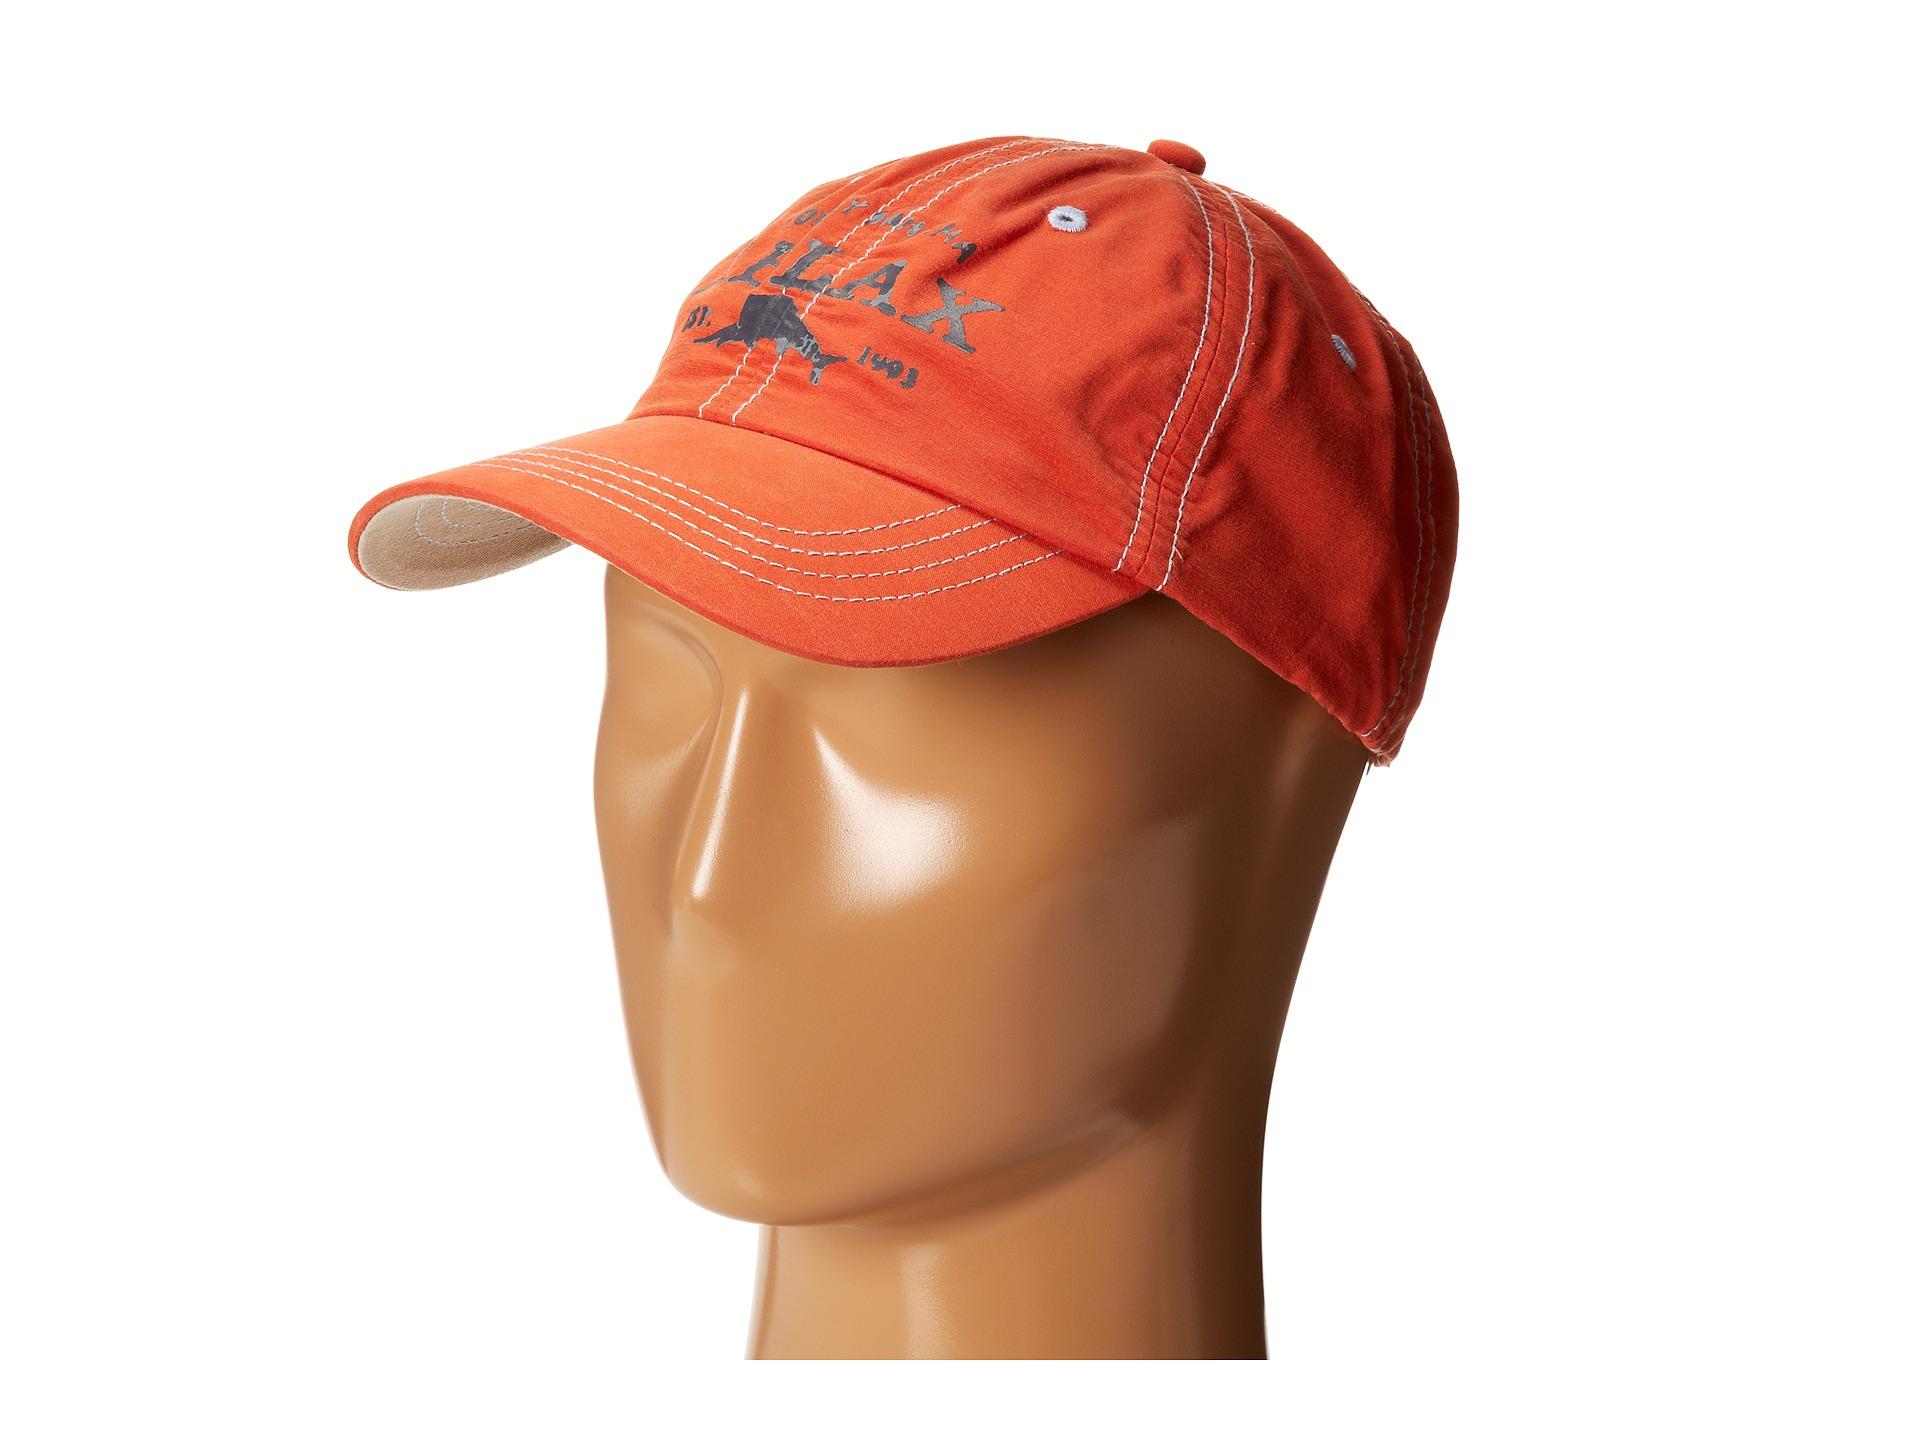 Lyst - Tommy Bahama Swim Shady Cap in Orange for Men 5dbd961b1b9